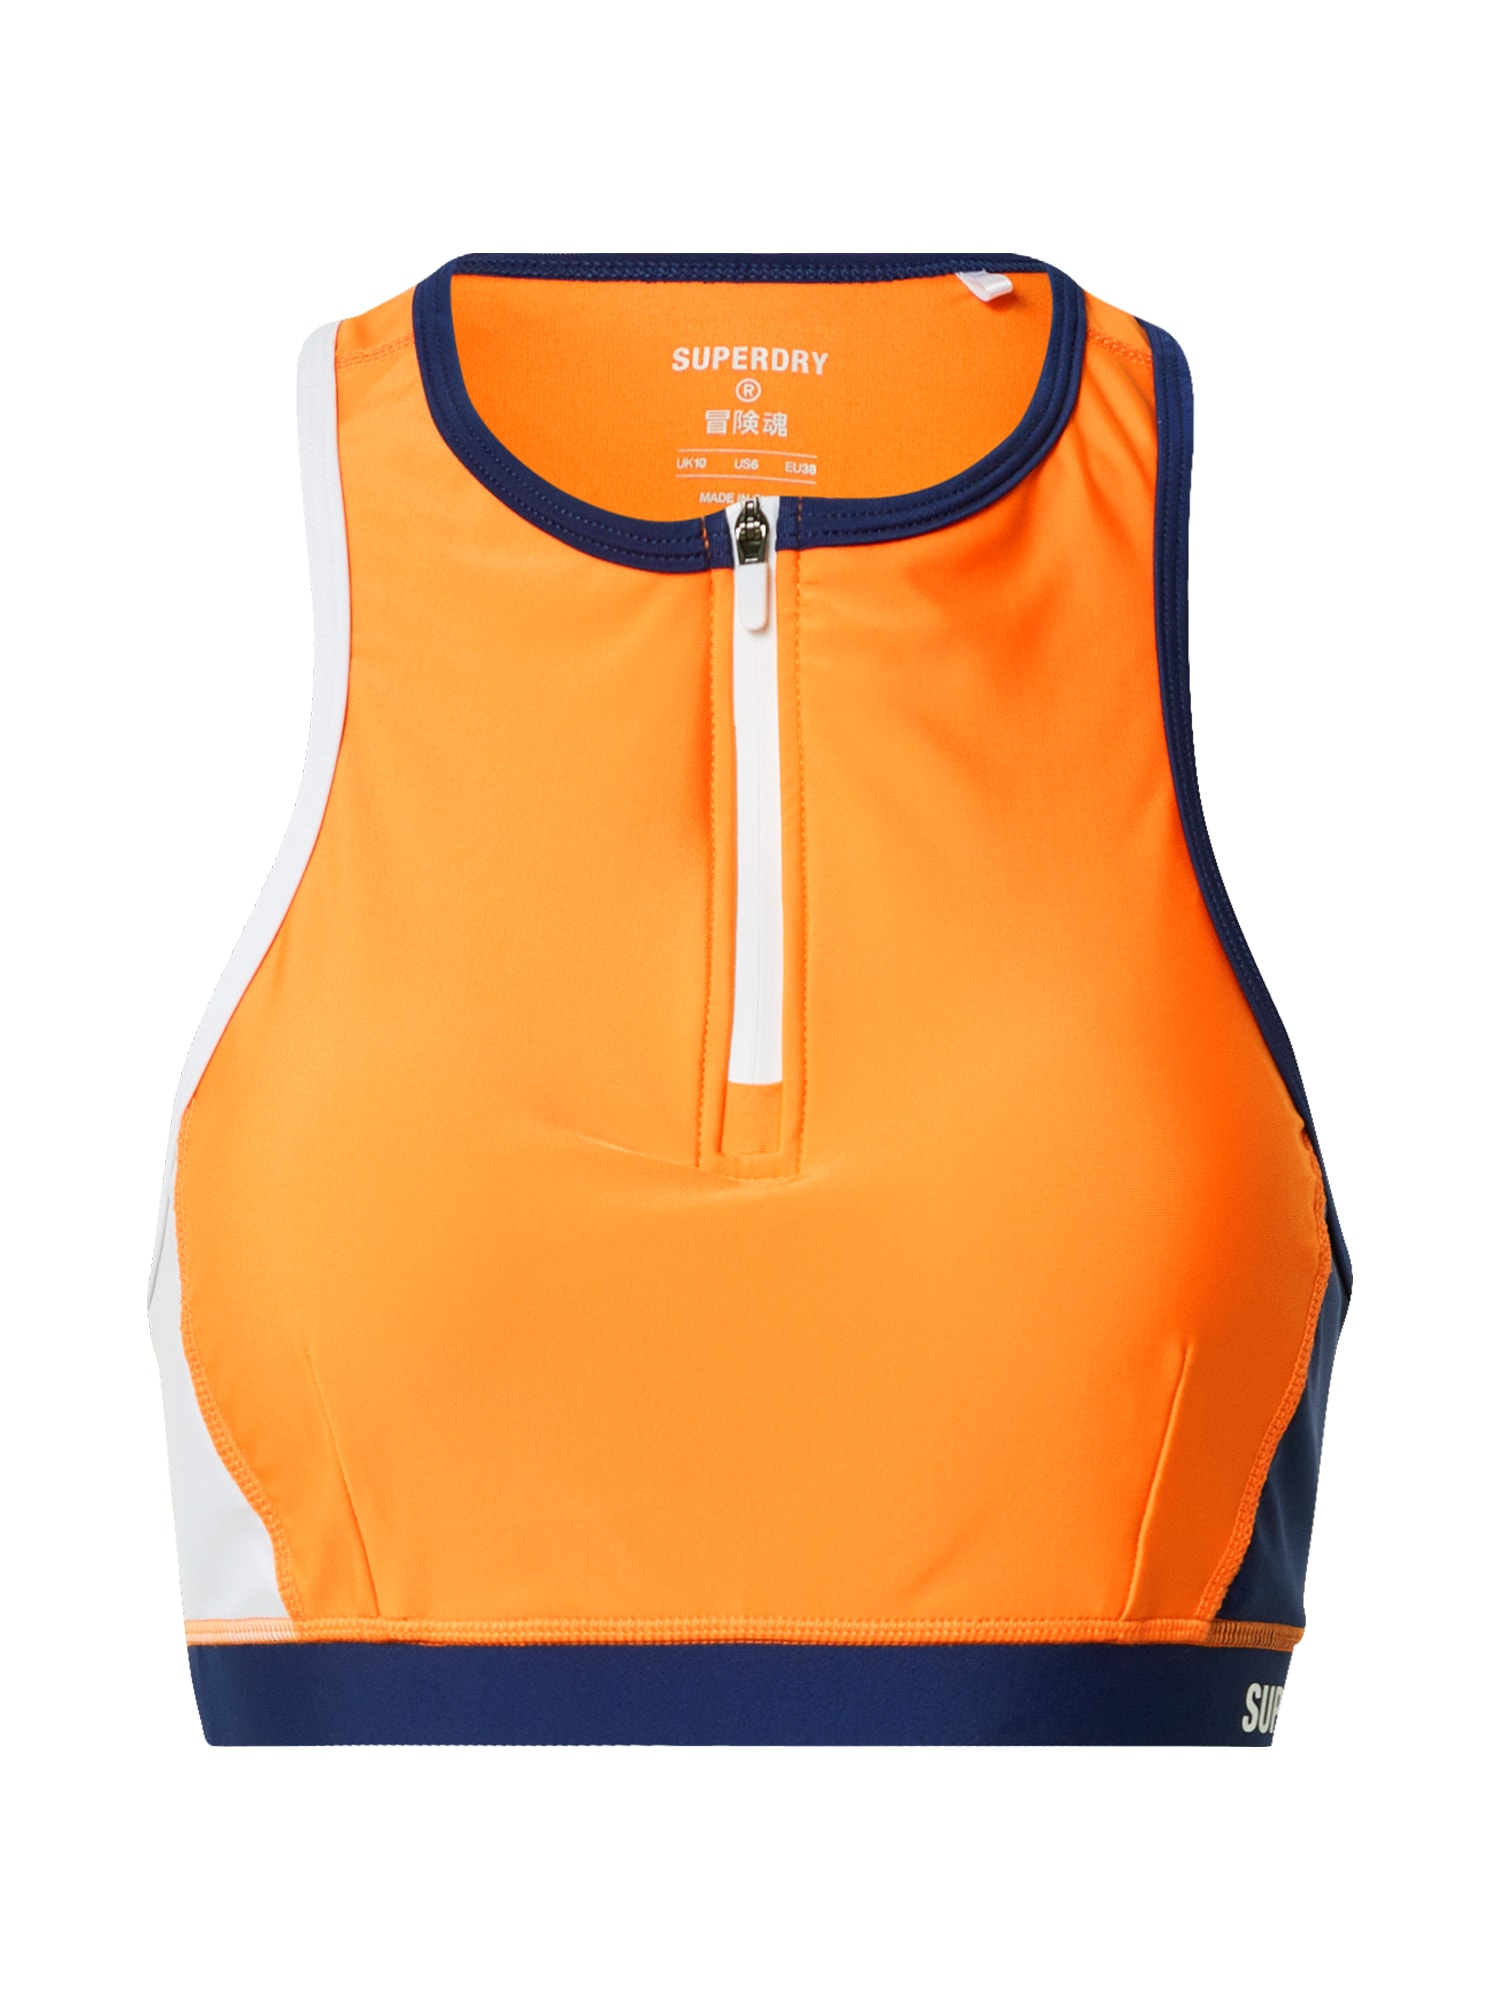 Superdry Bikinio viršutinė dalis oranžinė / balta / mėlyna